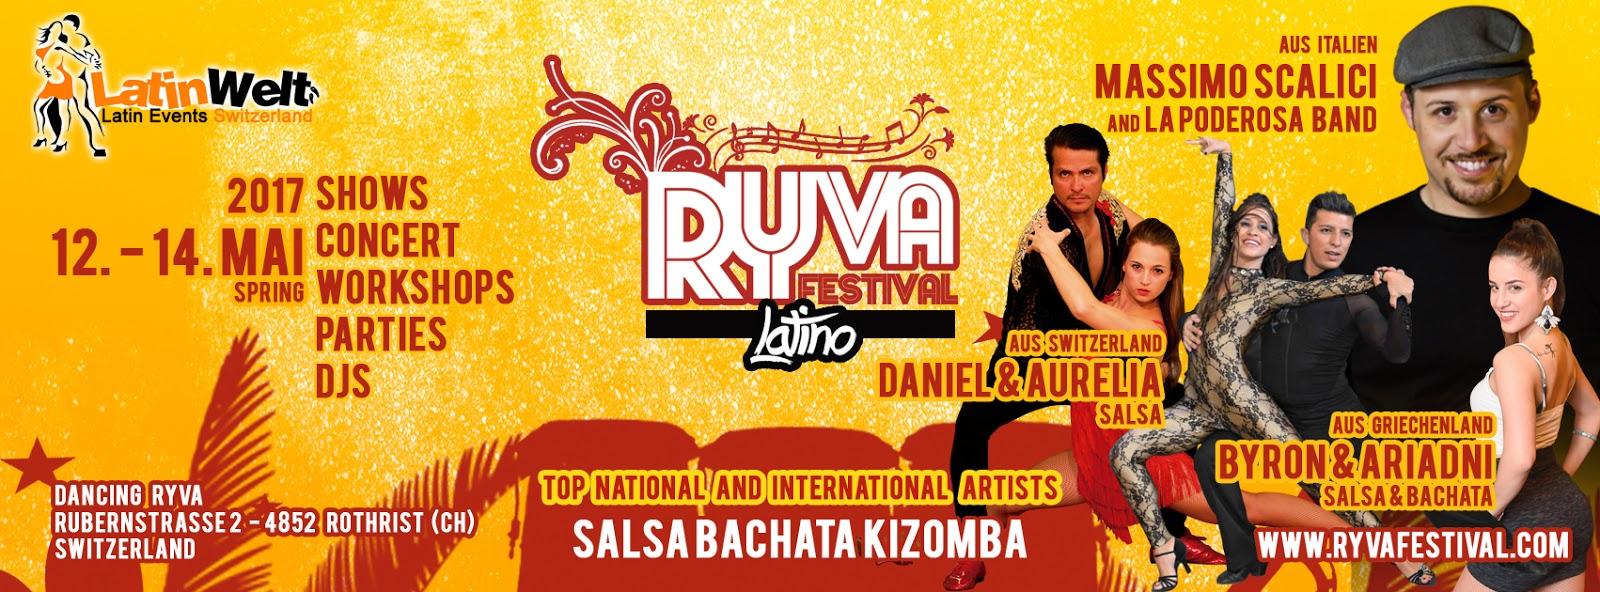 Ryva Festival Latino